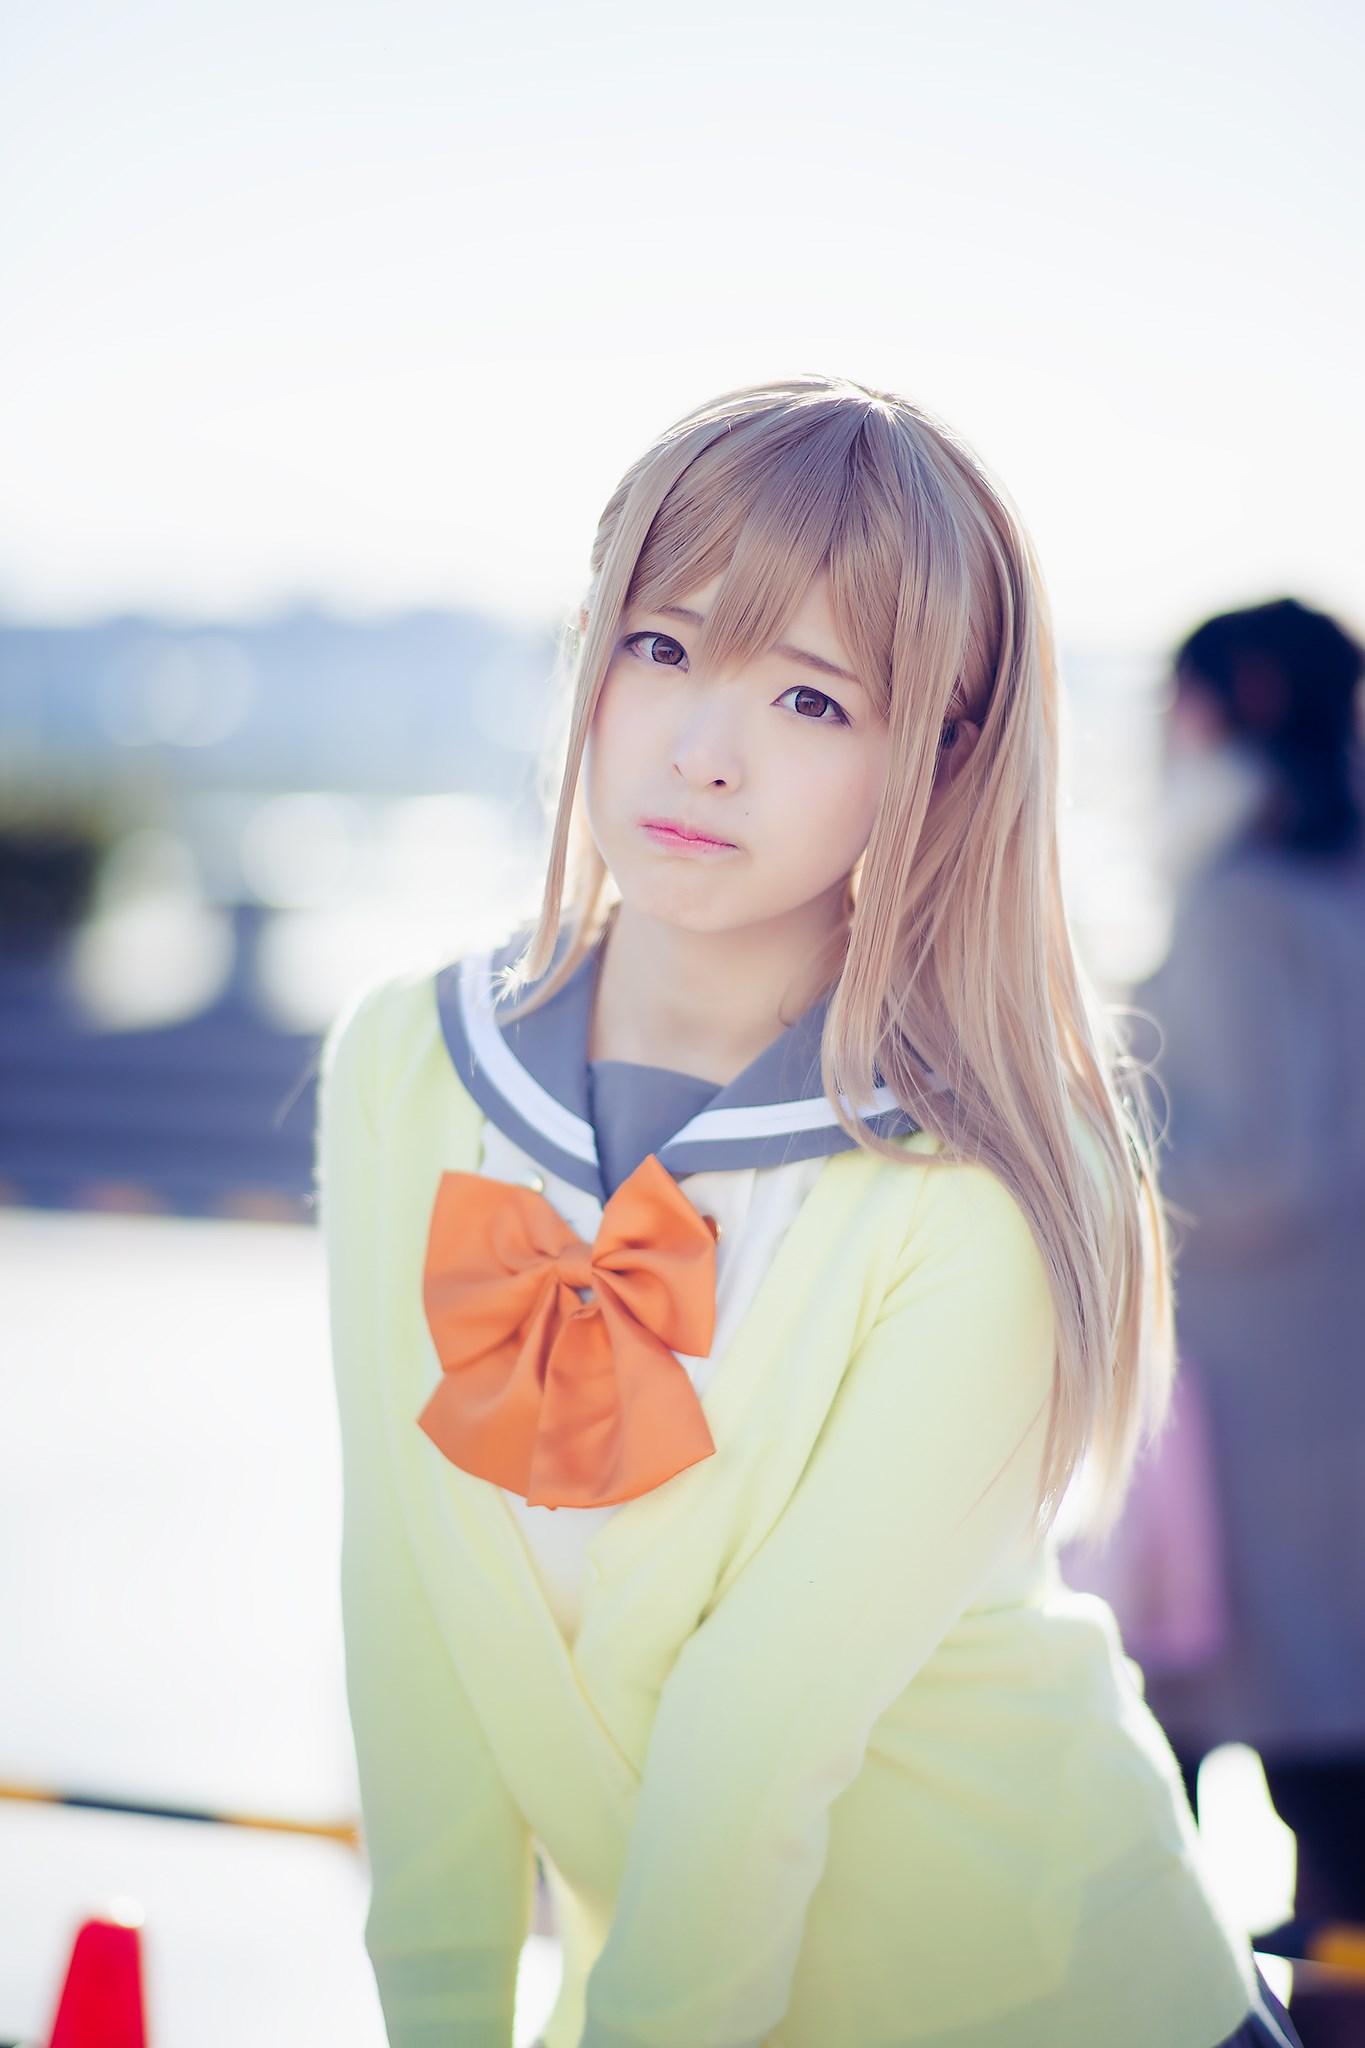 【兔玩映画】阳光与少女 兔玩映画 第10张